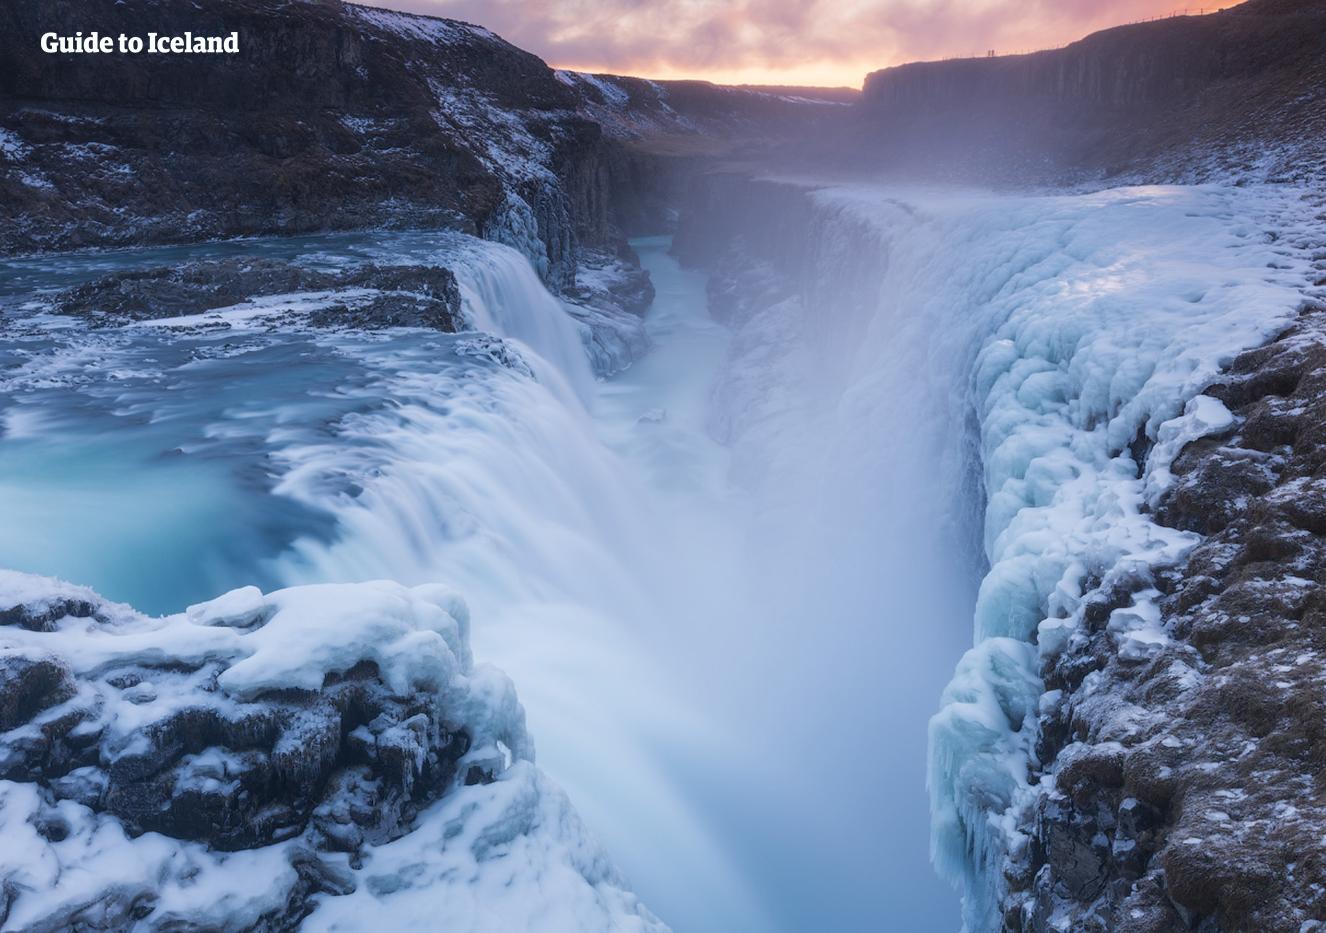 La cascada Gullfoss en la ruta del Círculo Dorado cae 32 metros en un antiguo cañón